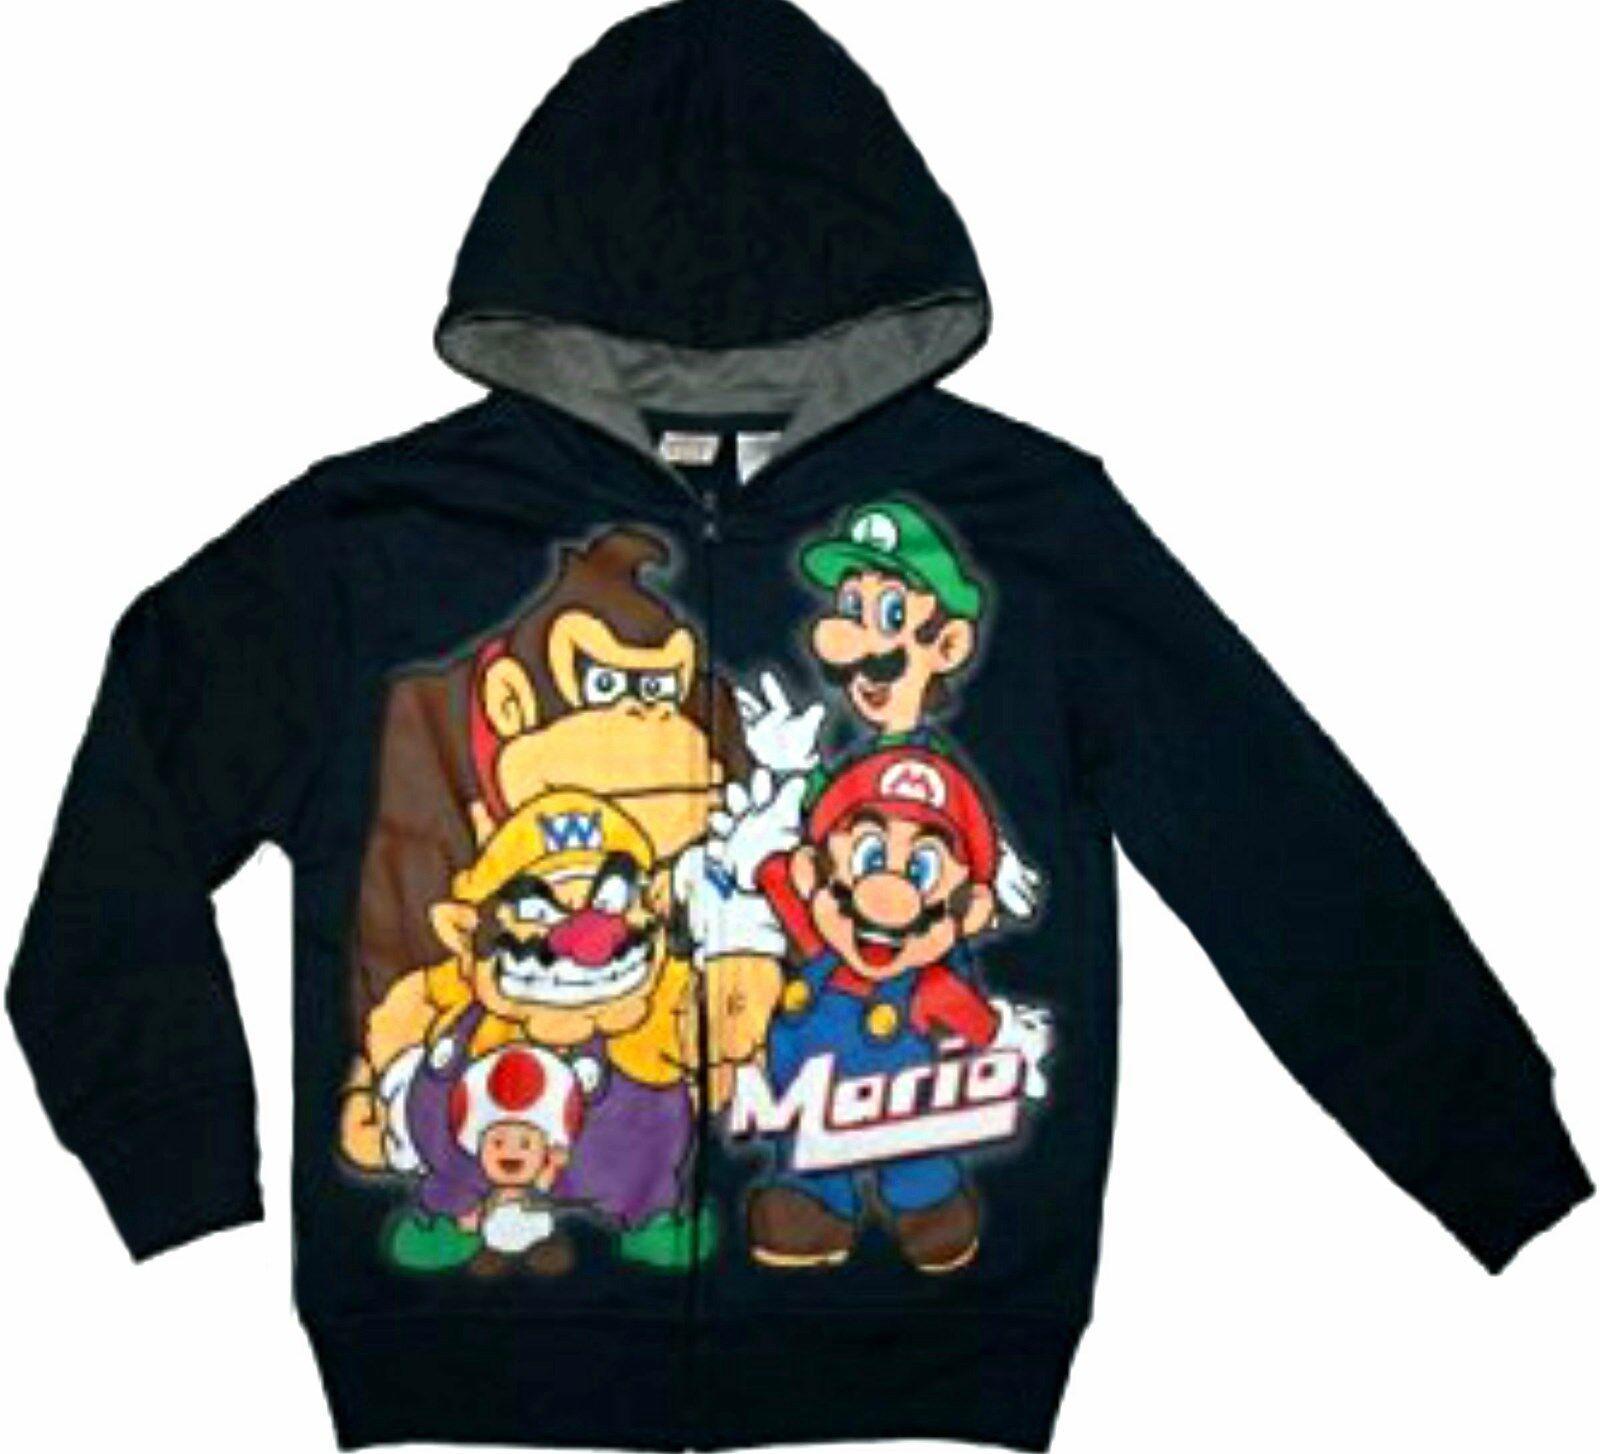 Super Mario Pullover Giacca con Cappuccio Fashion Leisure Fashion Giacca con Cappuccio Classic Printed Hooded Keep Warm Ragazzi e Ragazze